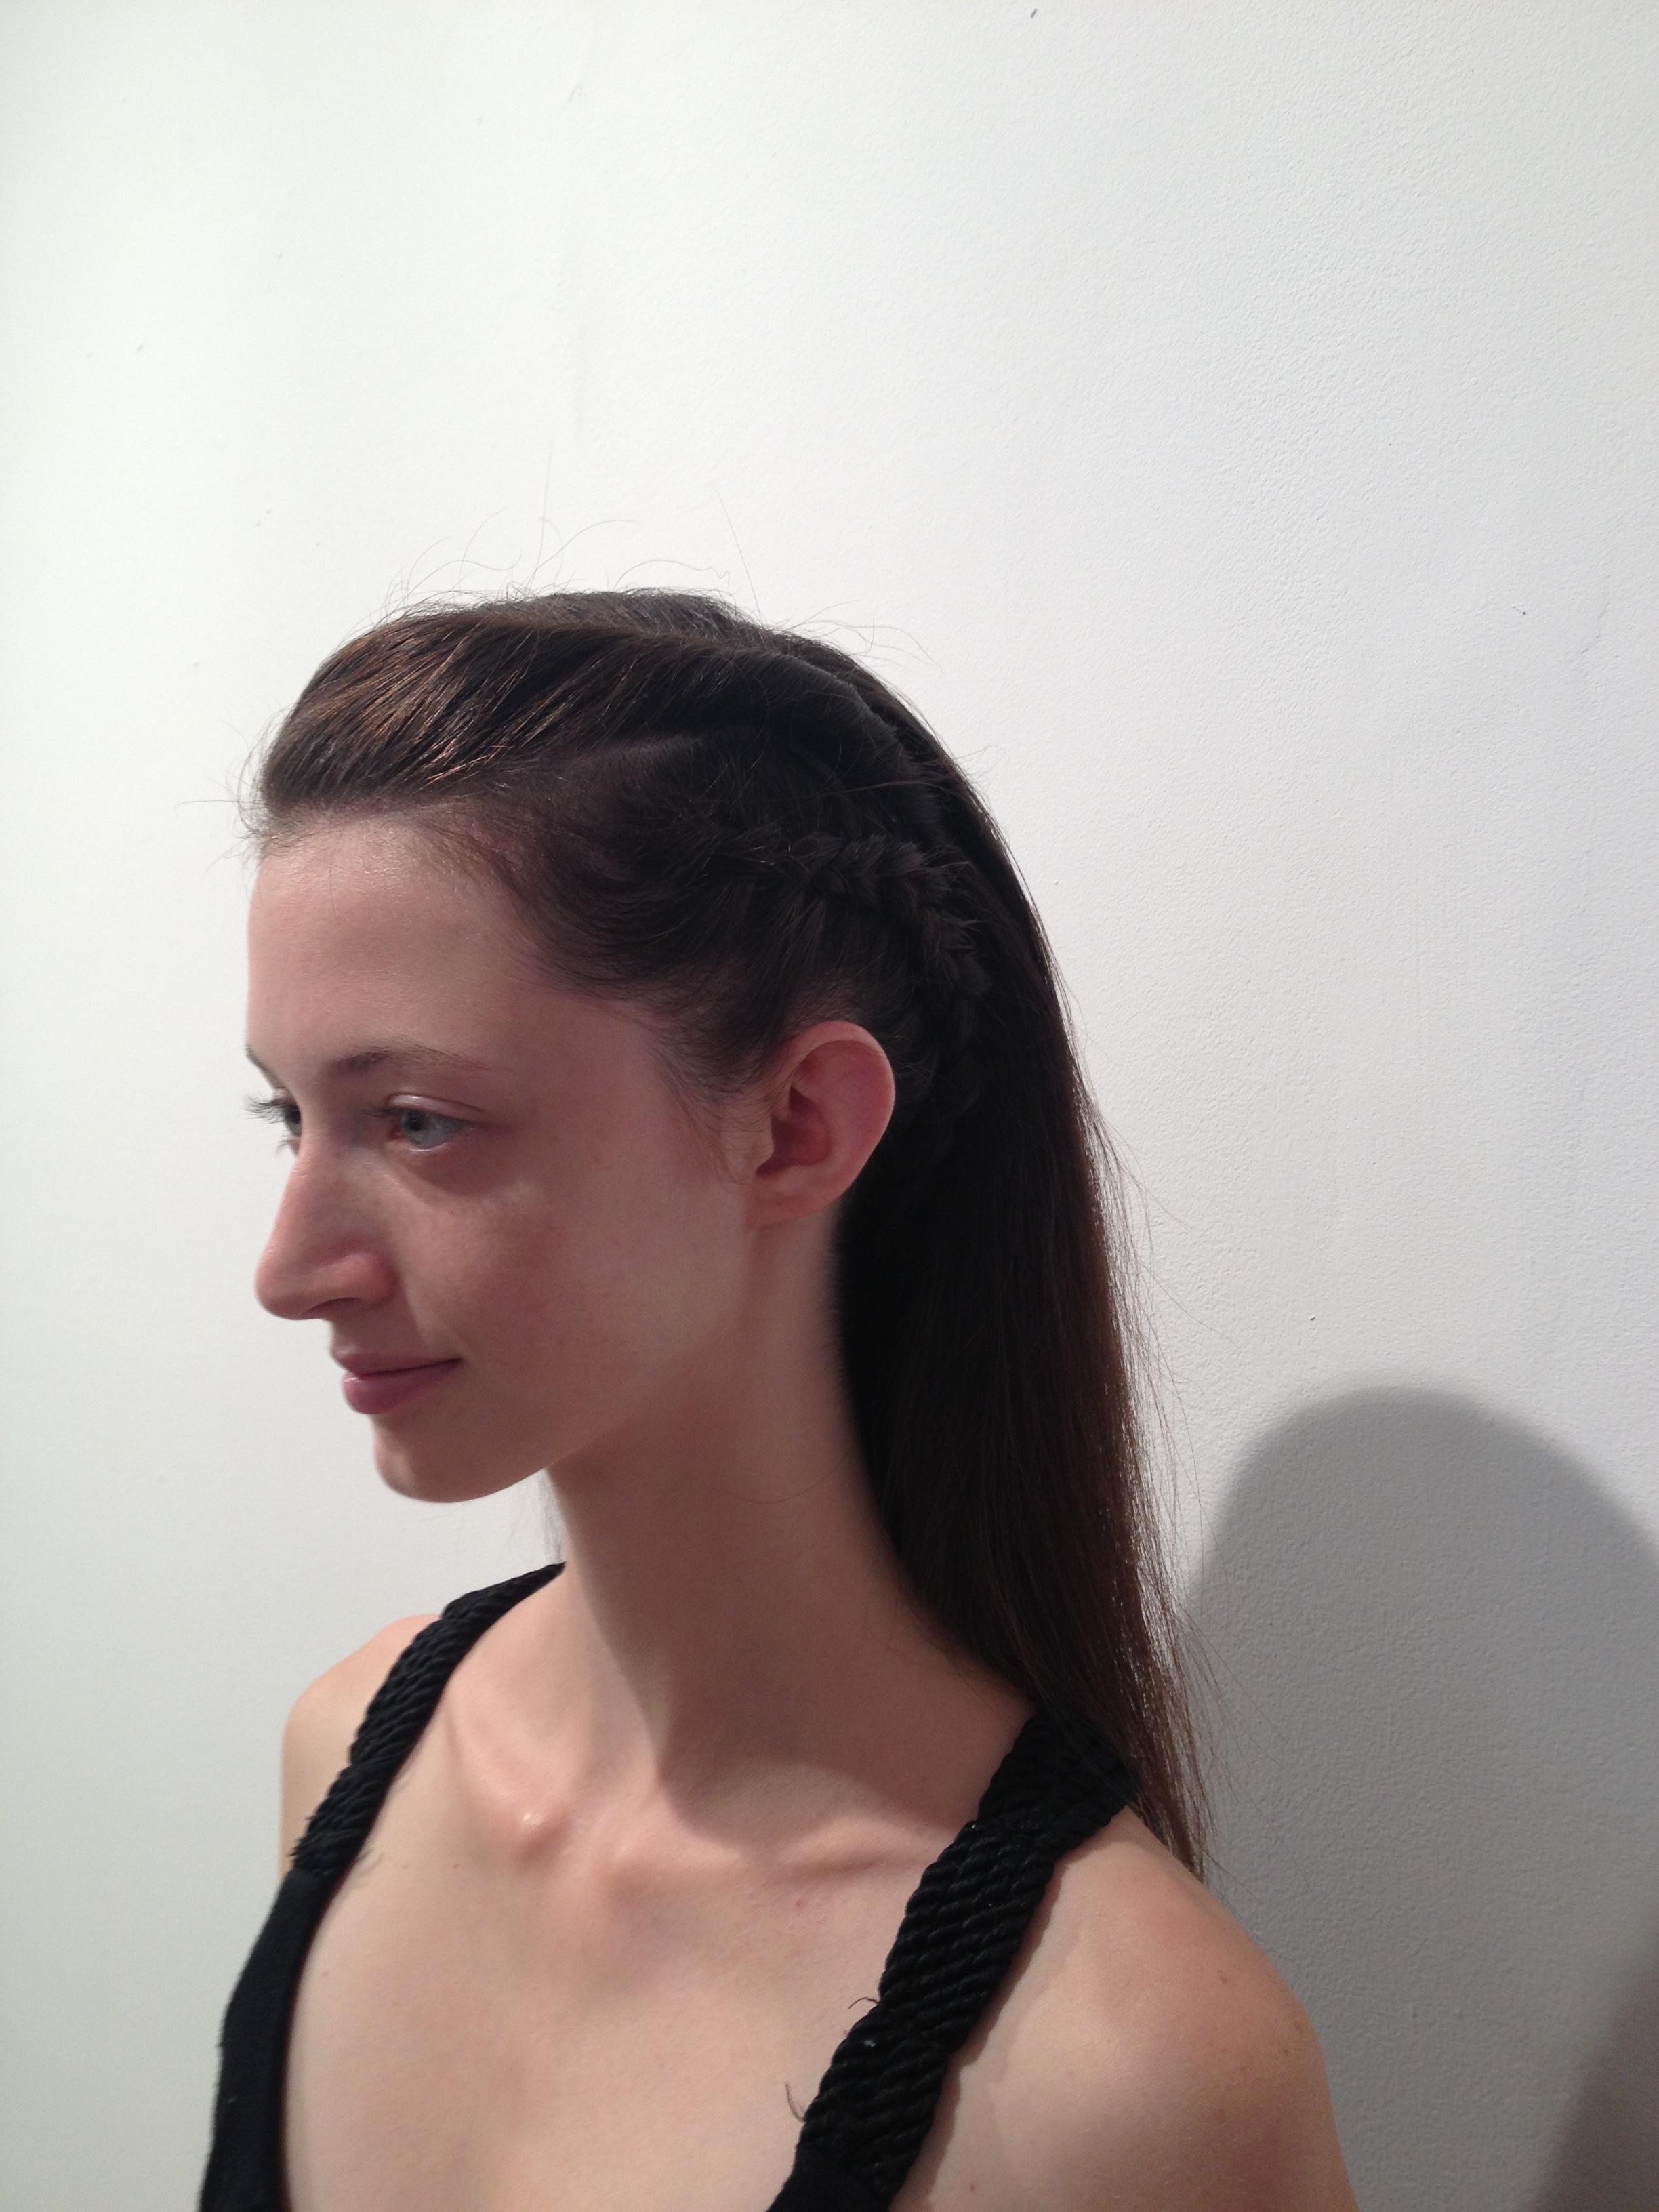 Final hair look, side